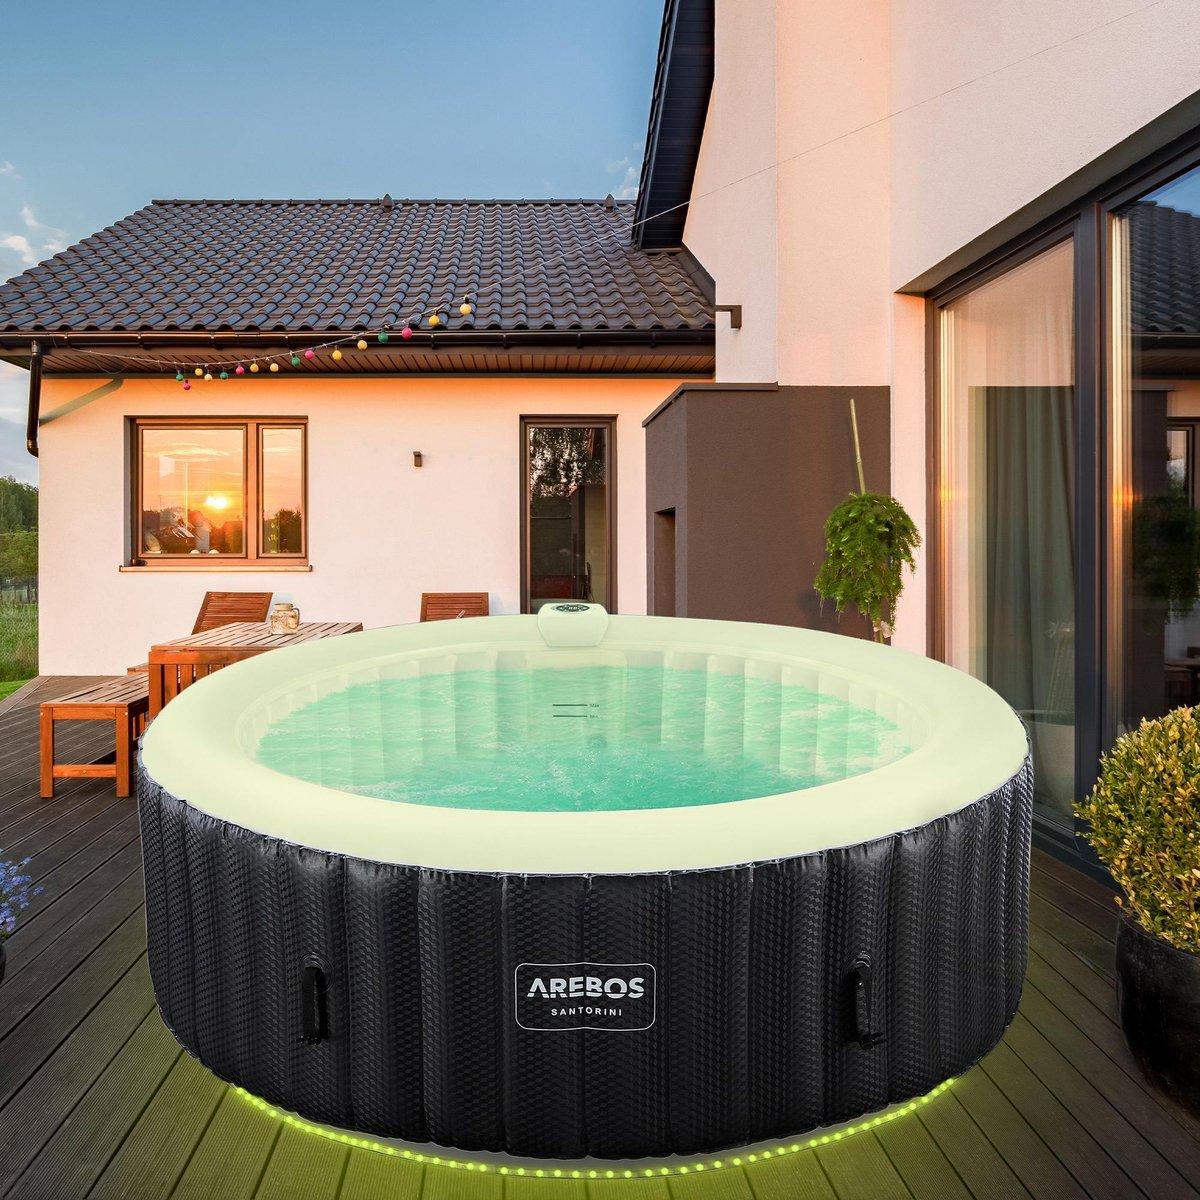 AREBOS In / Outdoor Jacuzzi Spa Verwarming van het zwembad Opblaasbare Massage